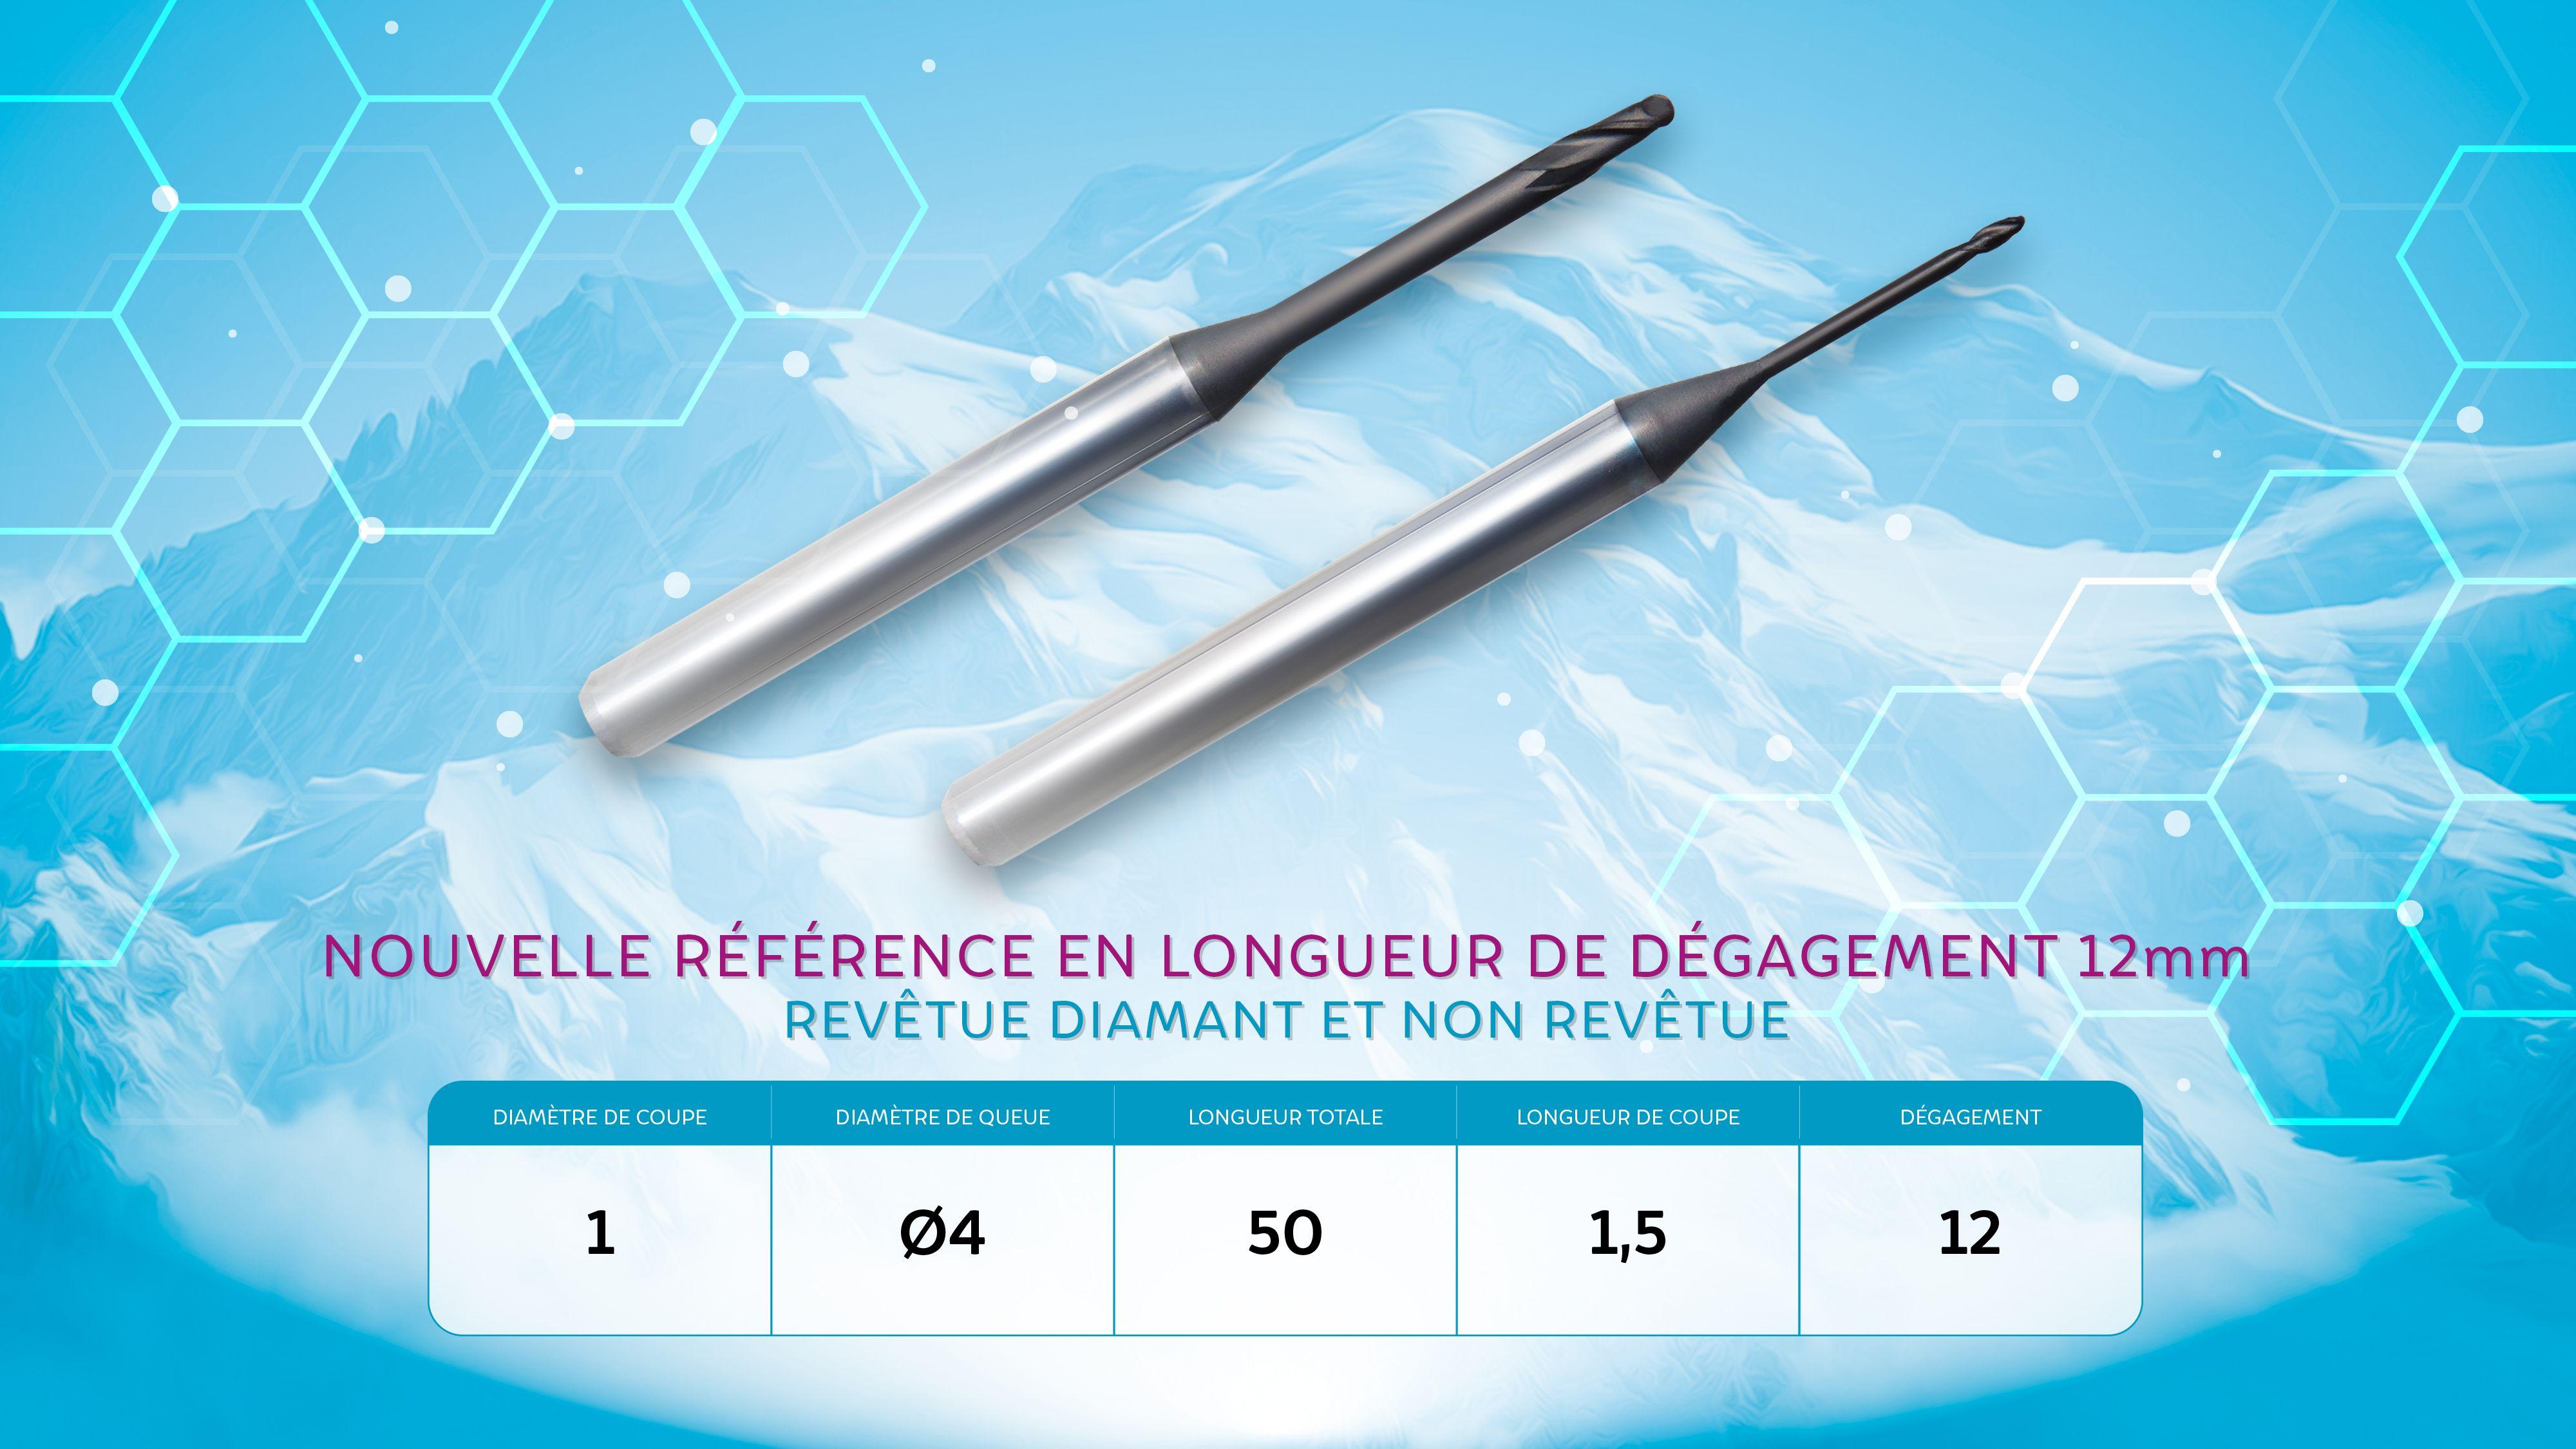 Precxis outils dentaires et medicaux - Nouveaux profils fraises hémisphériques ROLAND